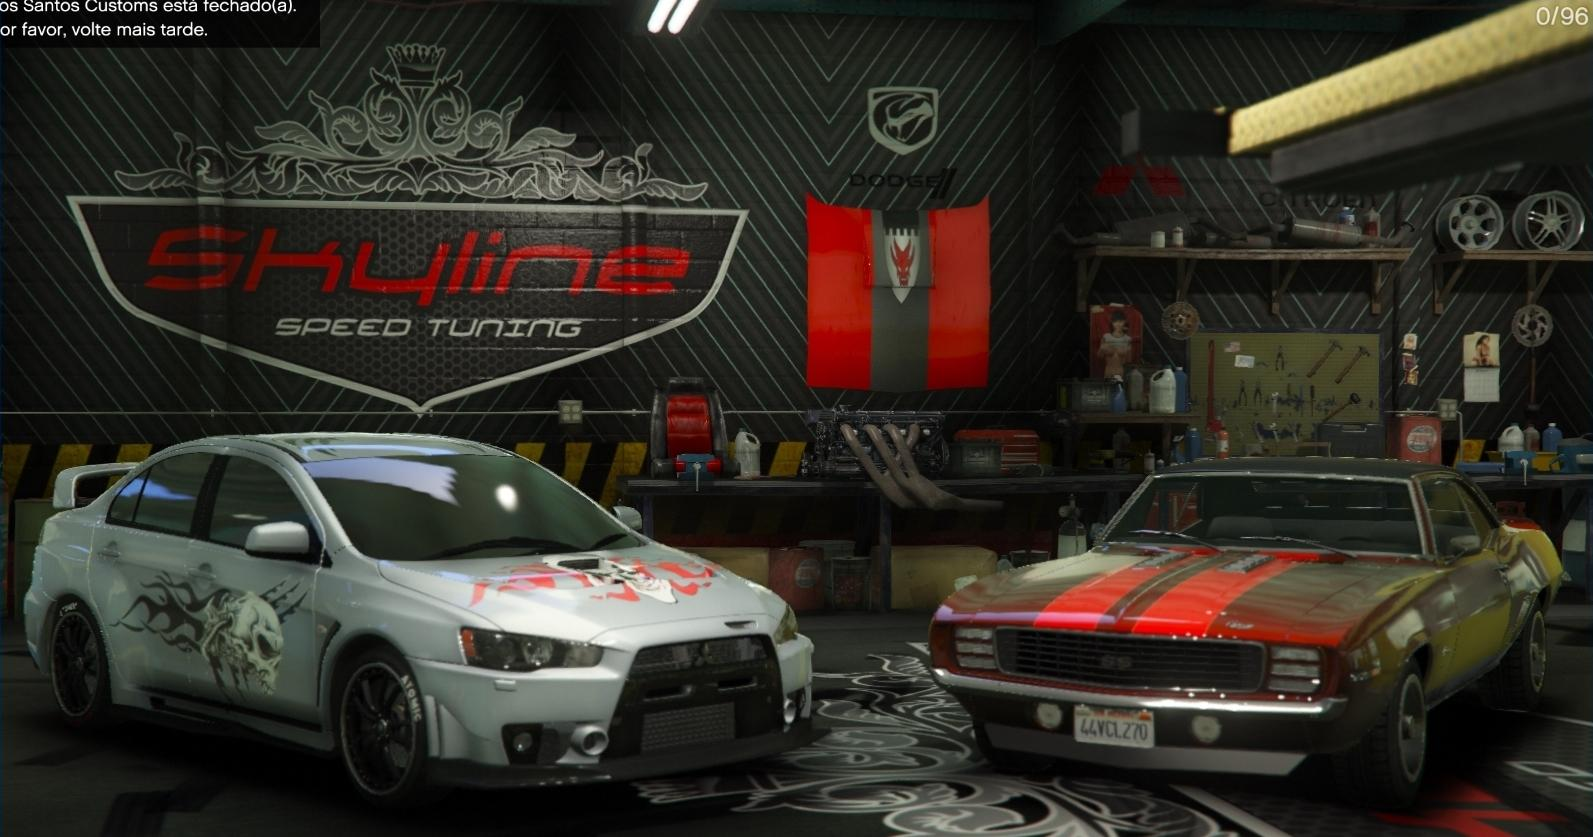 Skyline speed tuning garage gta5 for Garage tuning marseille